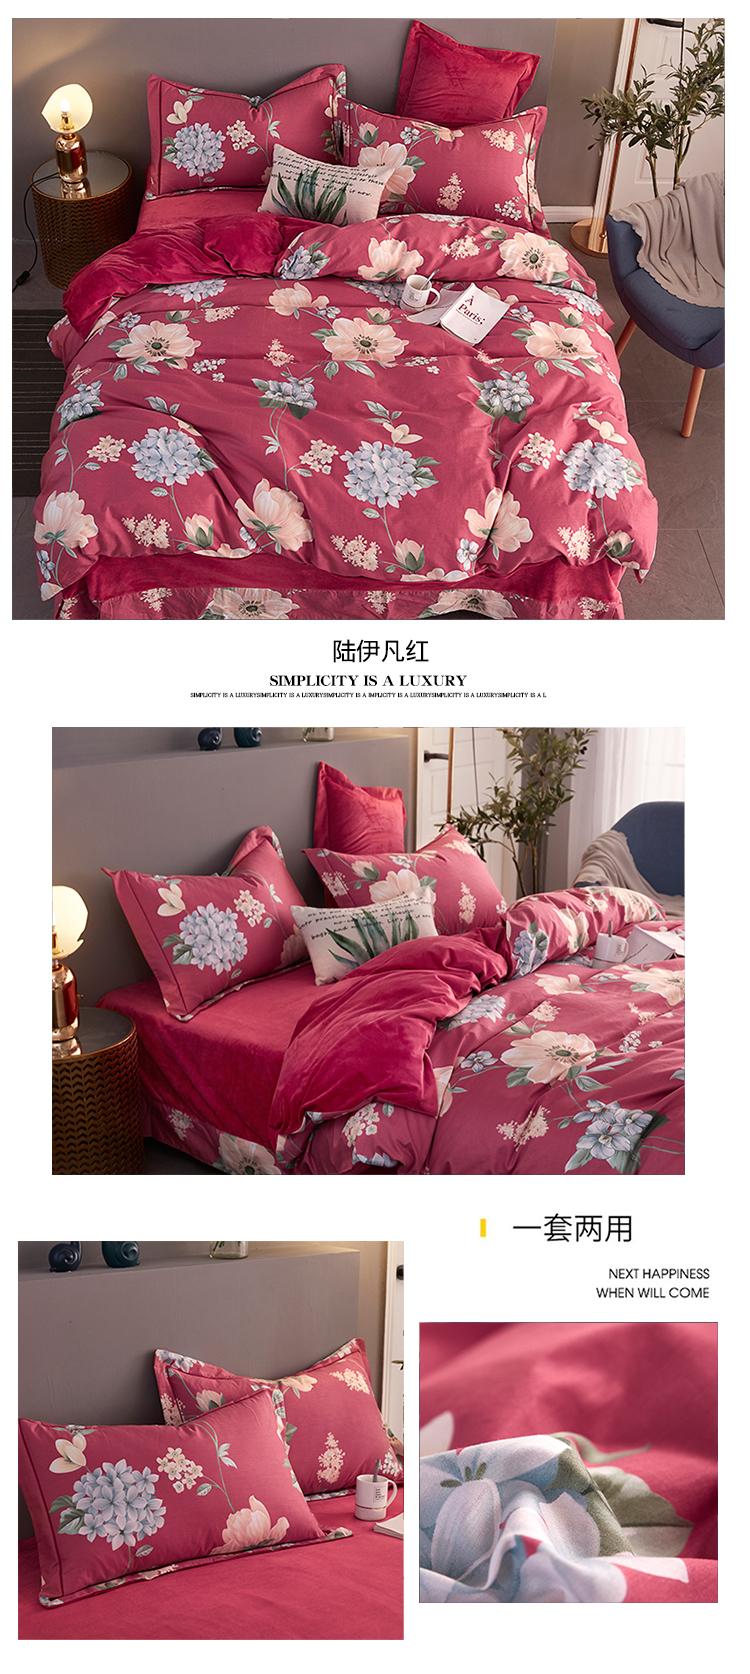 小资生活-草莓粉-棉加绒四件套-1-4_16.jpg